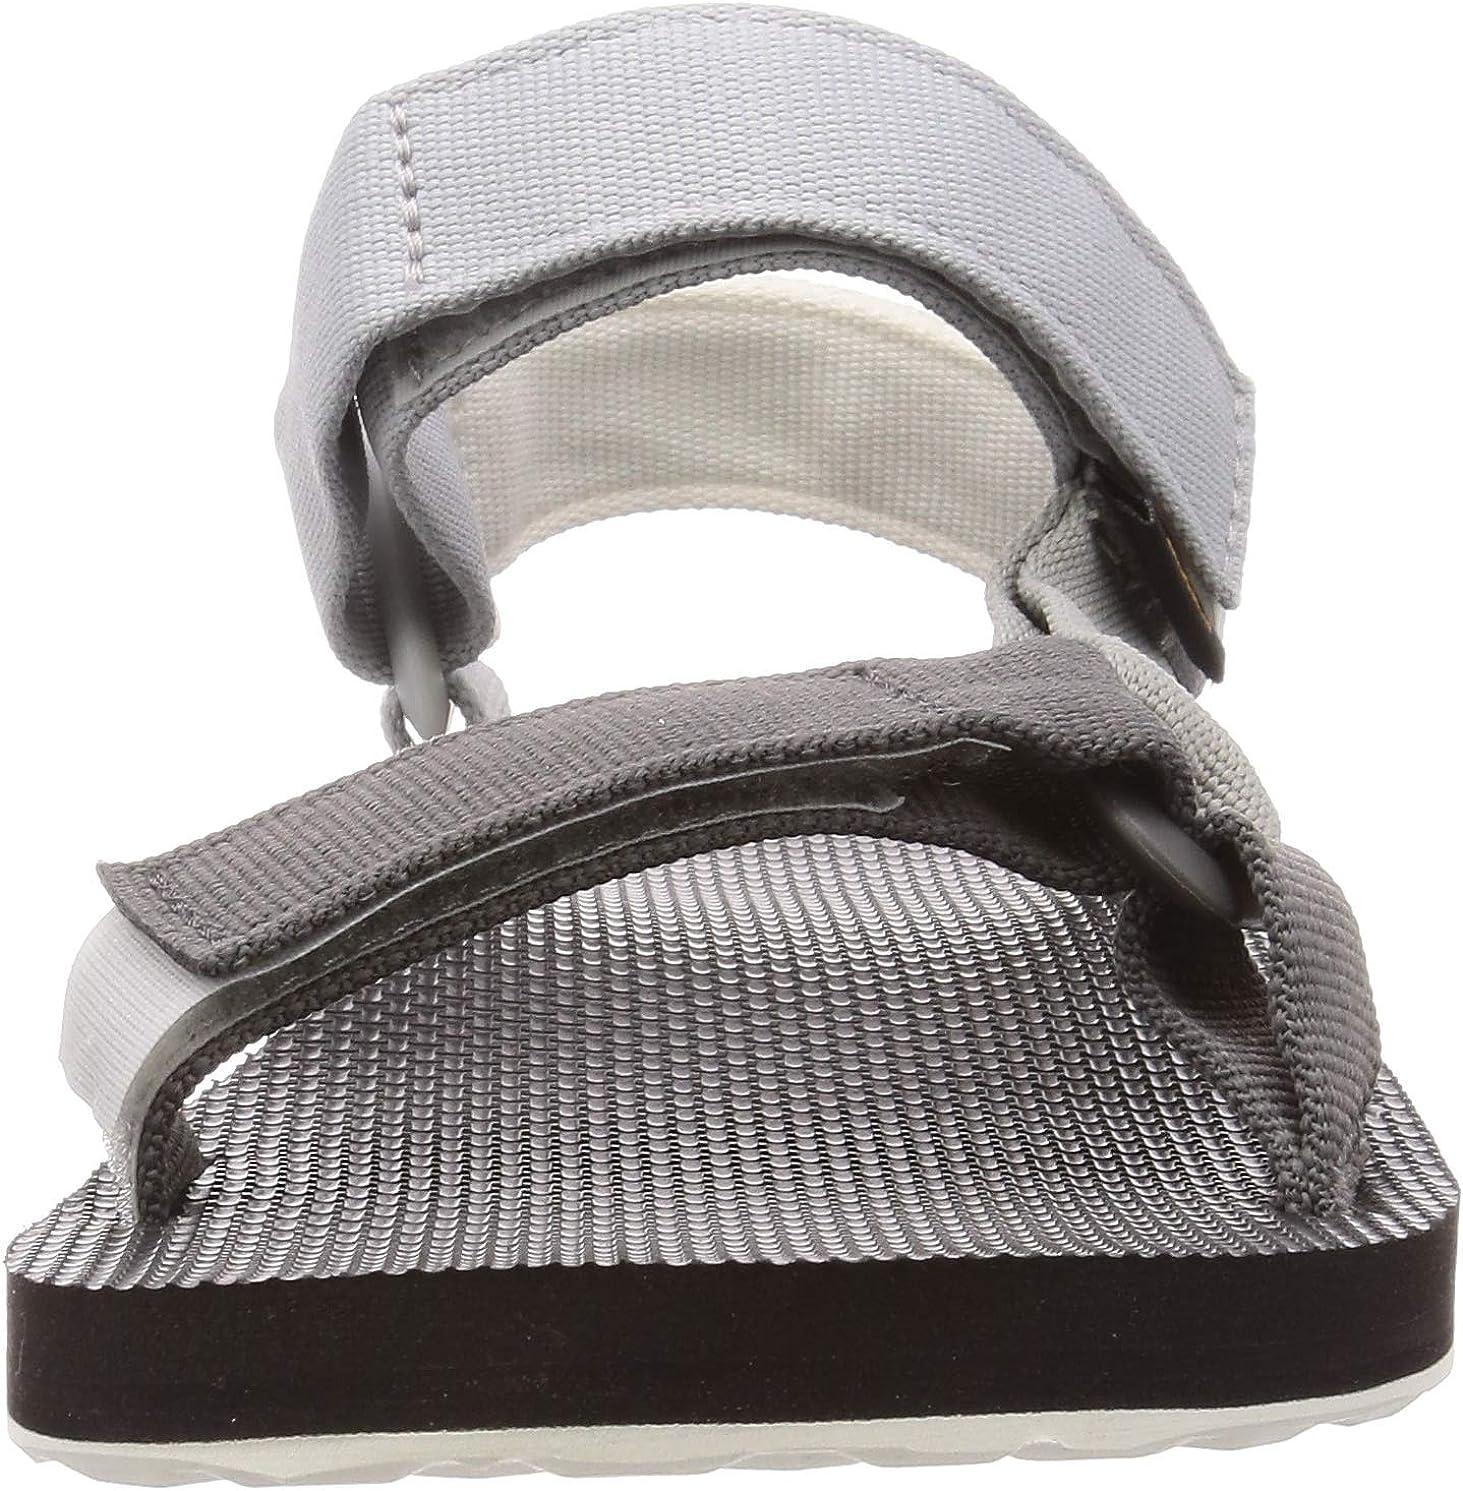 Teva Men's Original Universal Sandal Grey Multi